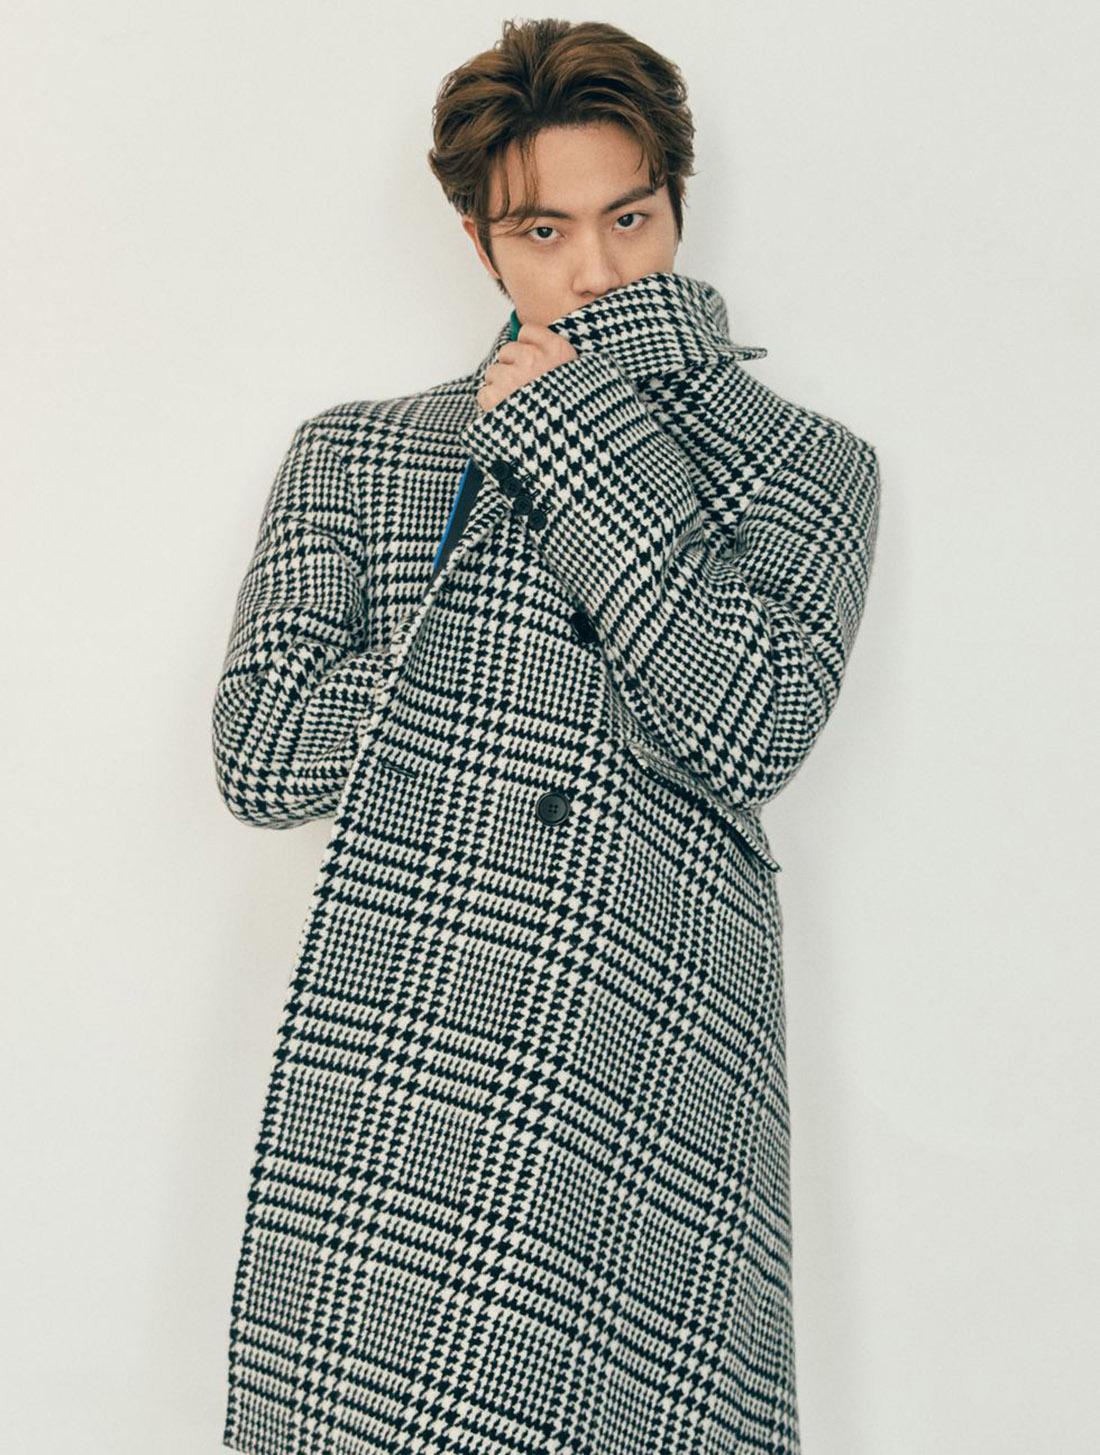 BTS x Esquire Numéro Hiver 2020 - Jin